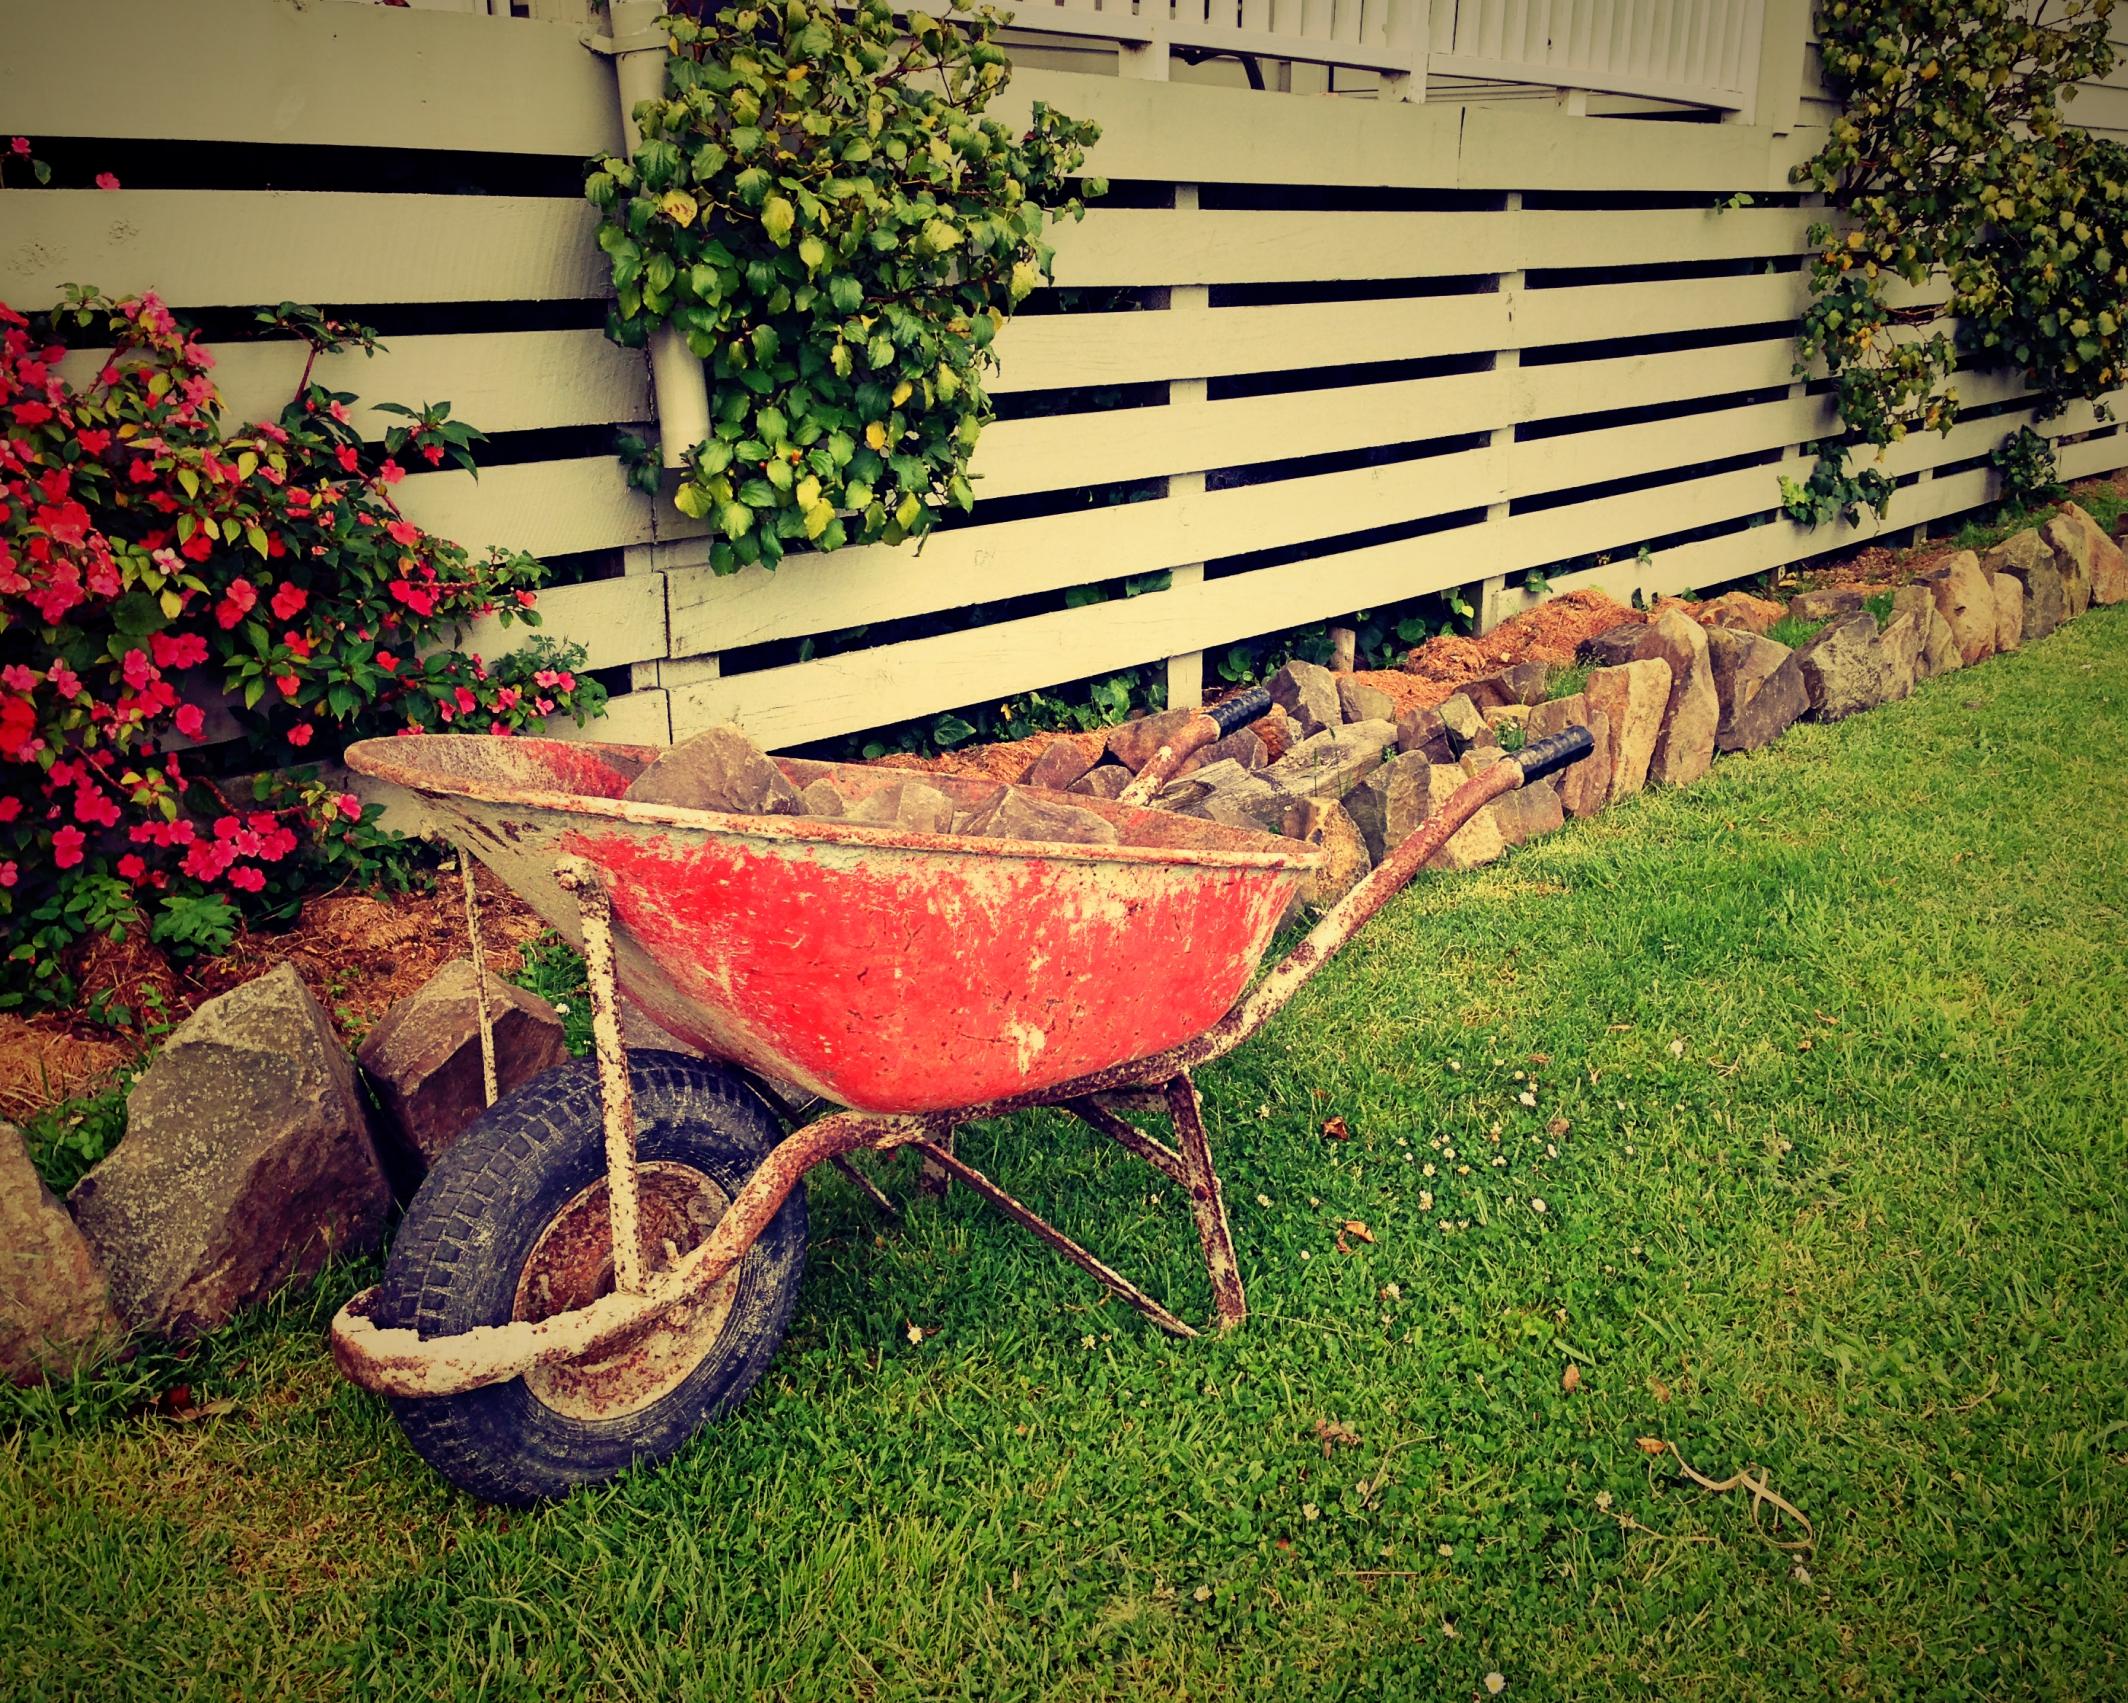 Preparing your garden for spring for Preparing for spring